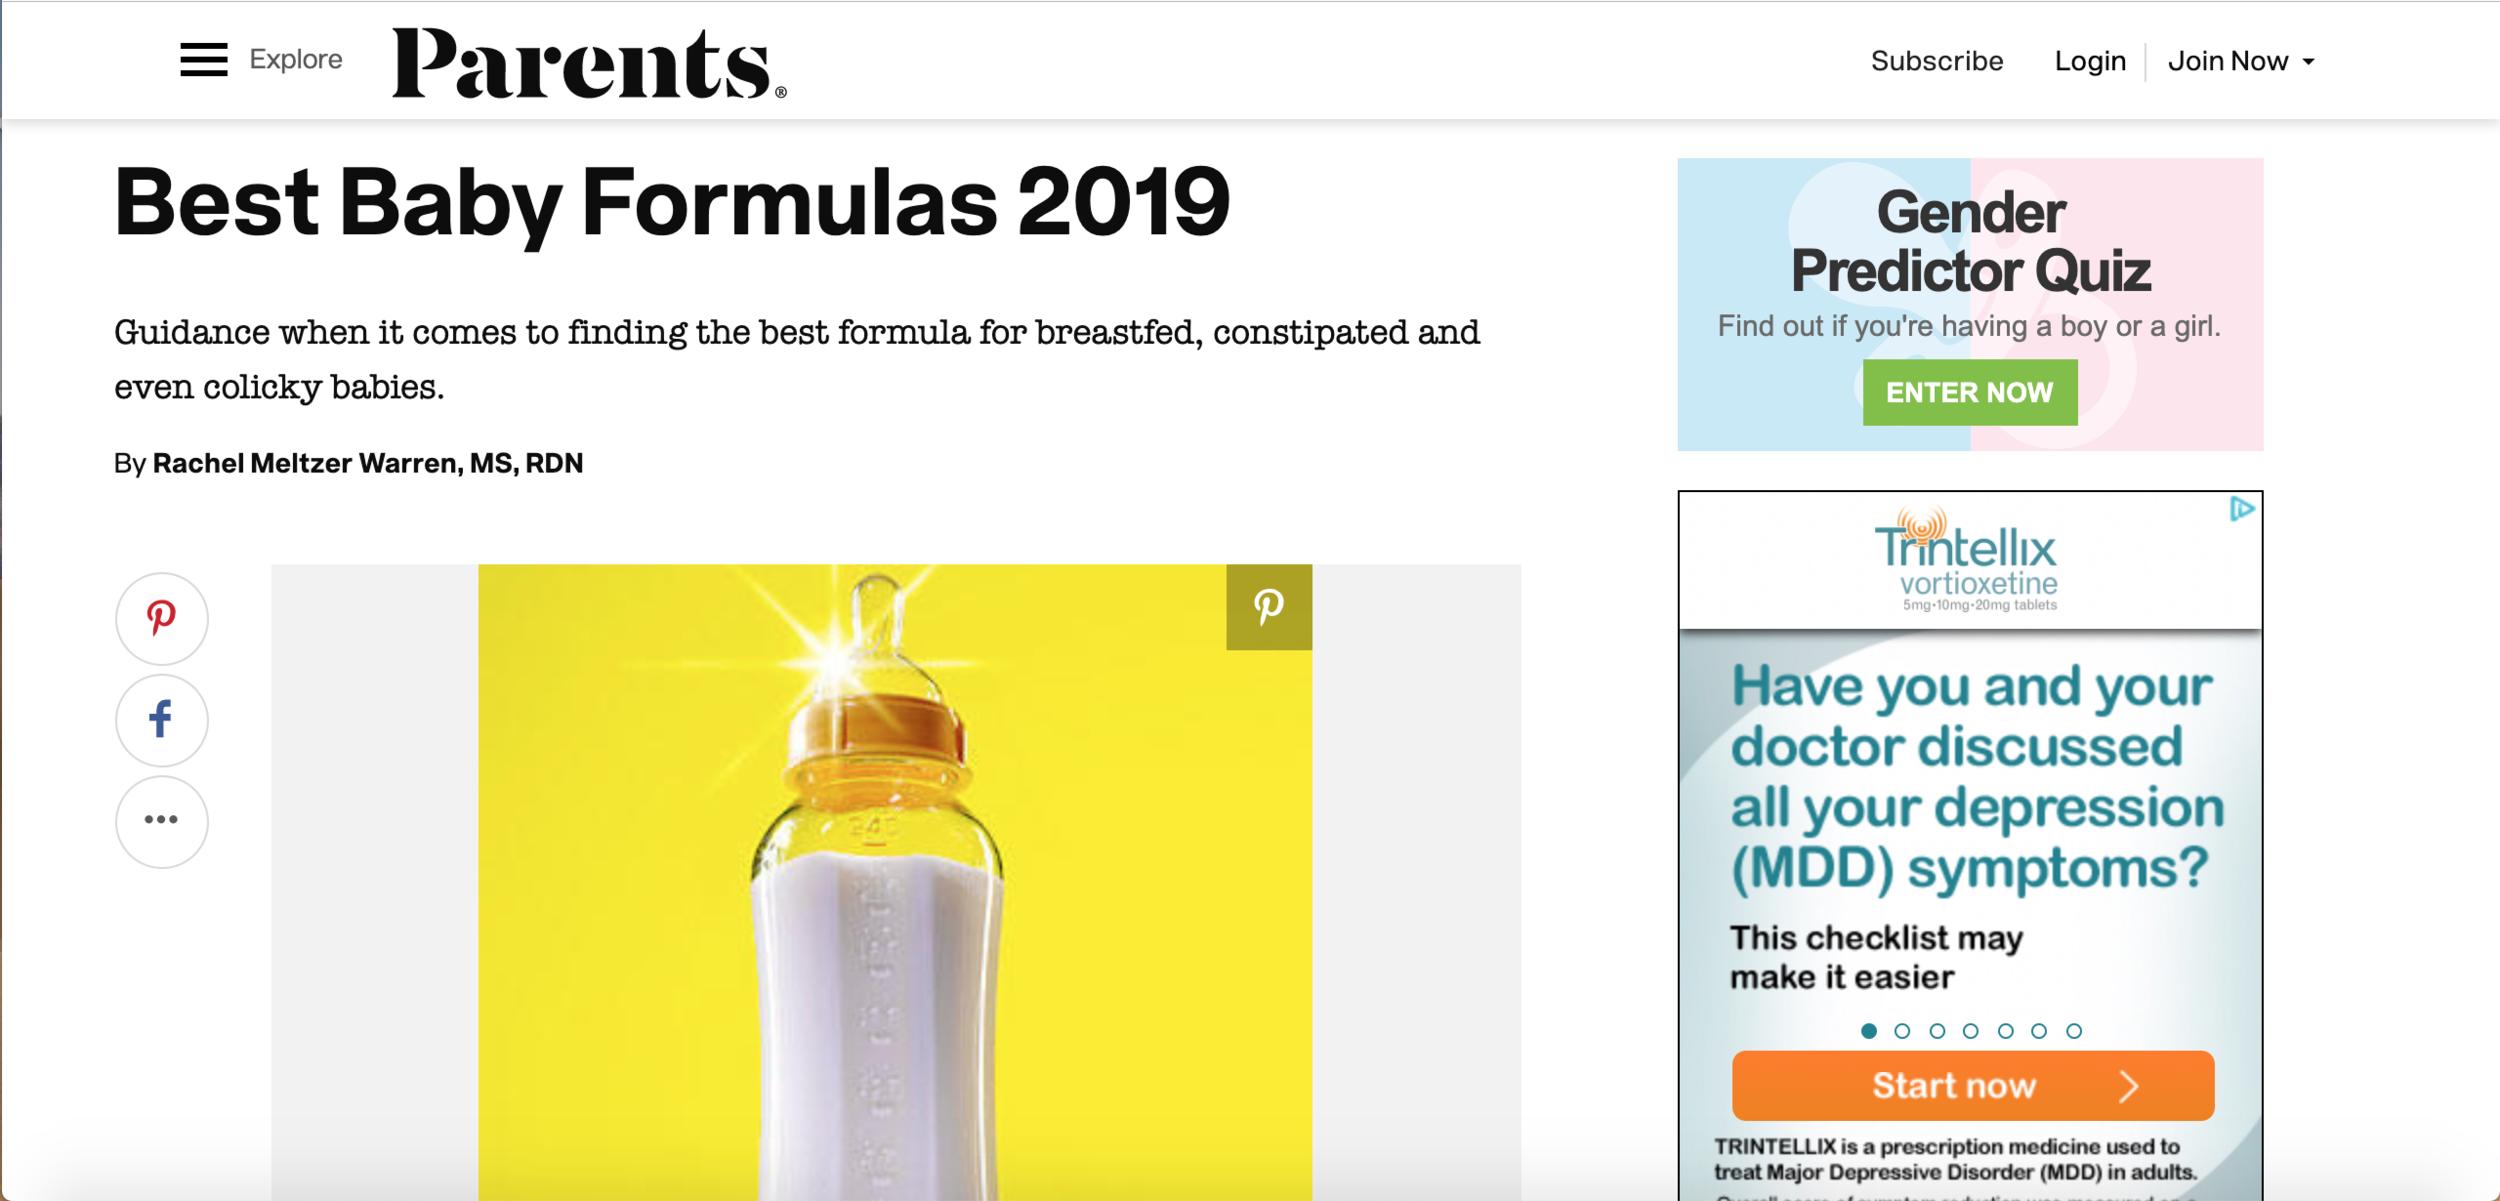 Best Baby Formulas 2019